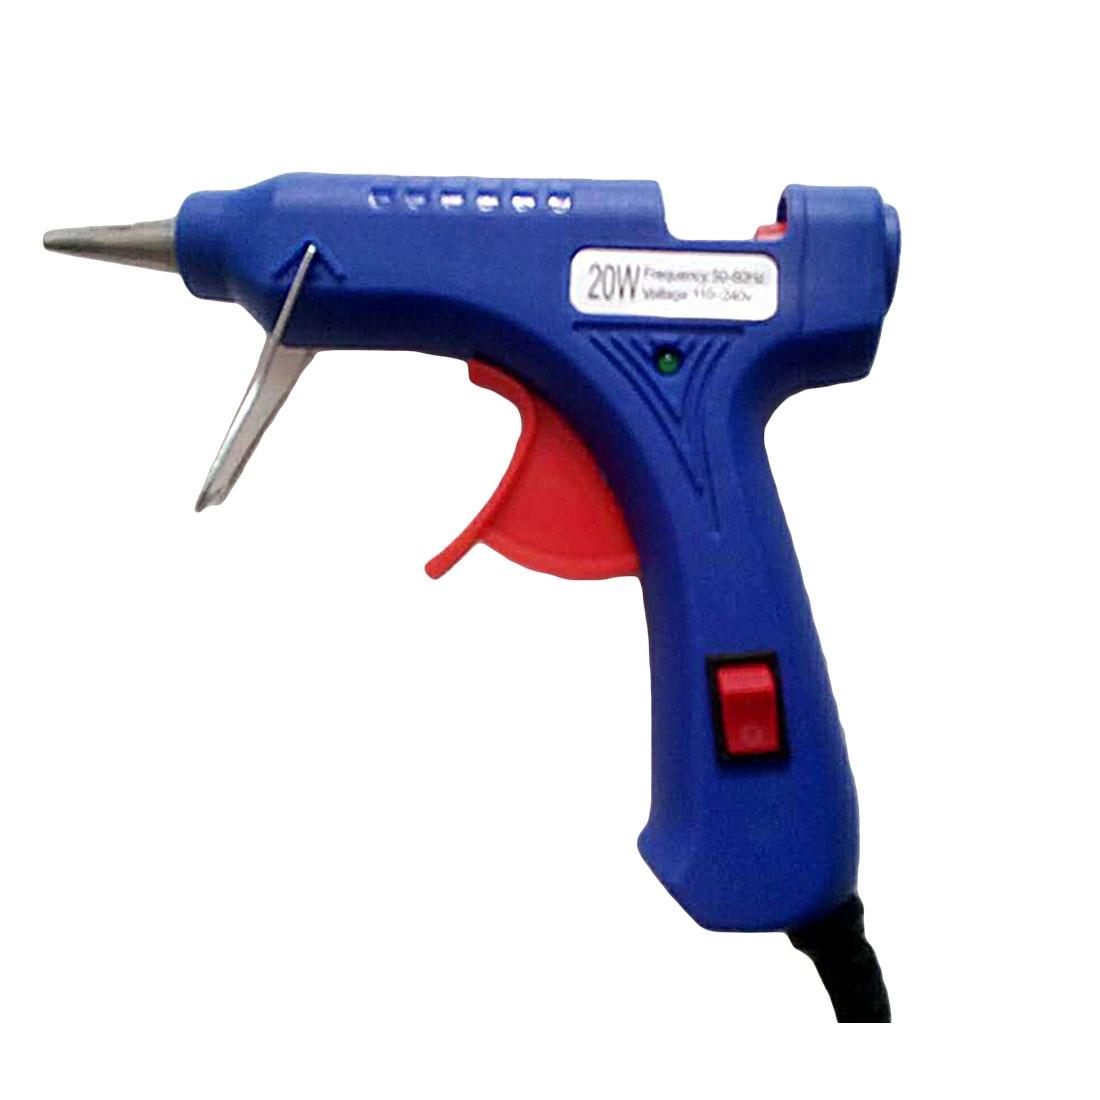 20 Вт ЕС Plug горячего расплава клеевой пистолет промышленные мини пистолеты термо Электрический Gluegun тепла температура инструмент